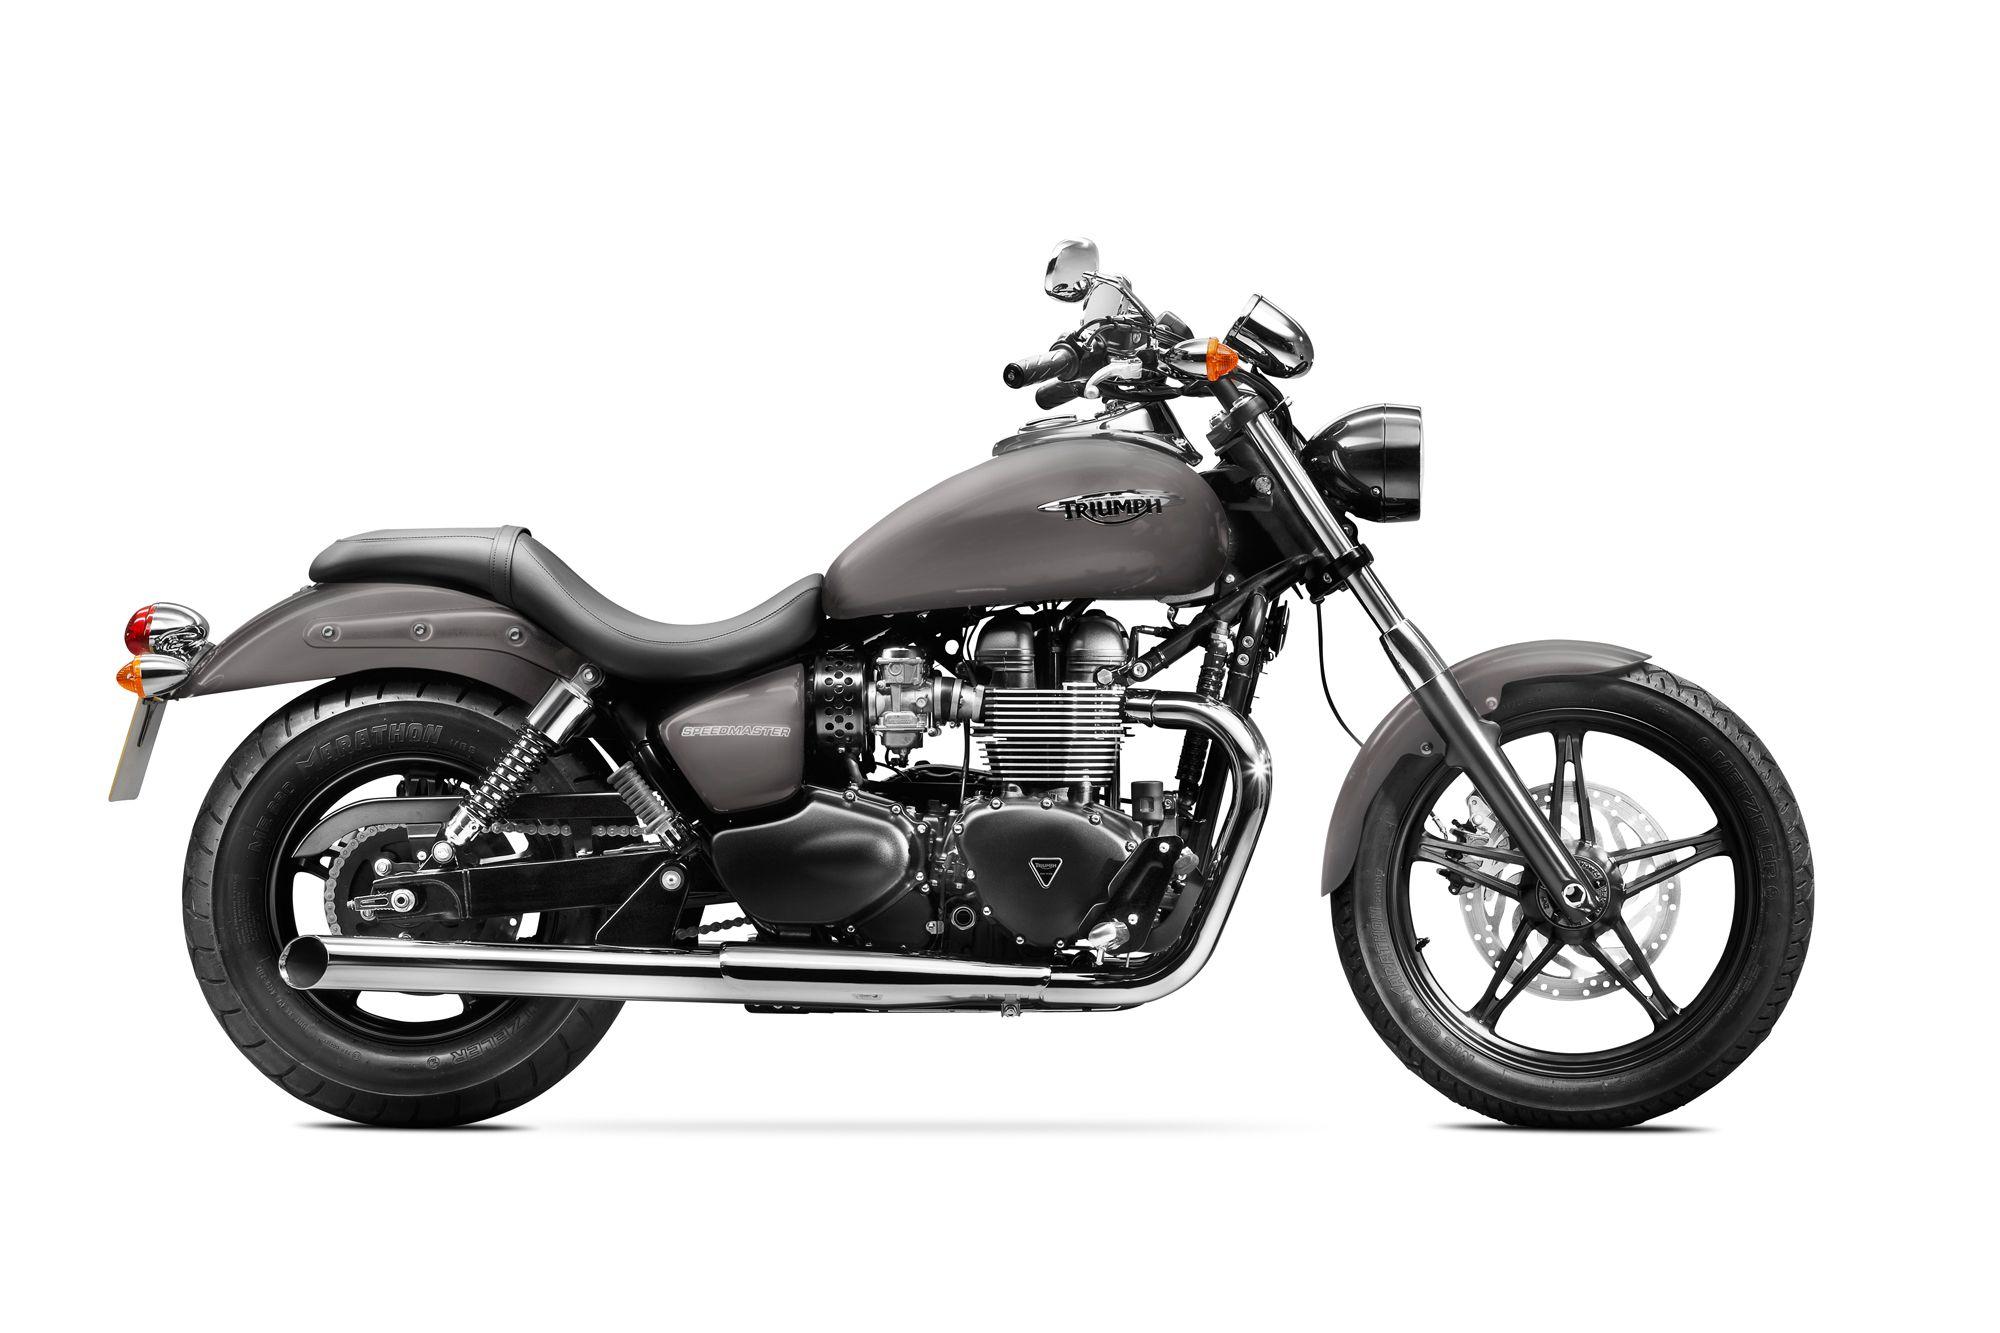 gebrauchte triumph speedmaster motorr der kaufen. Black Bedroom Furniture Sets. Home Design Ideas